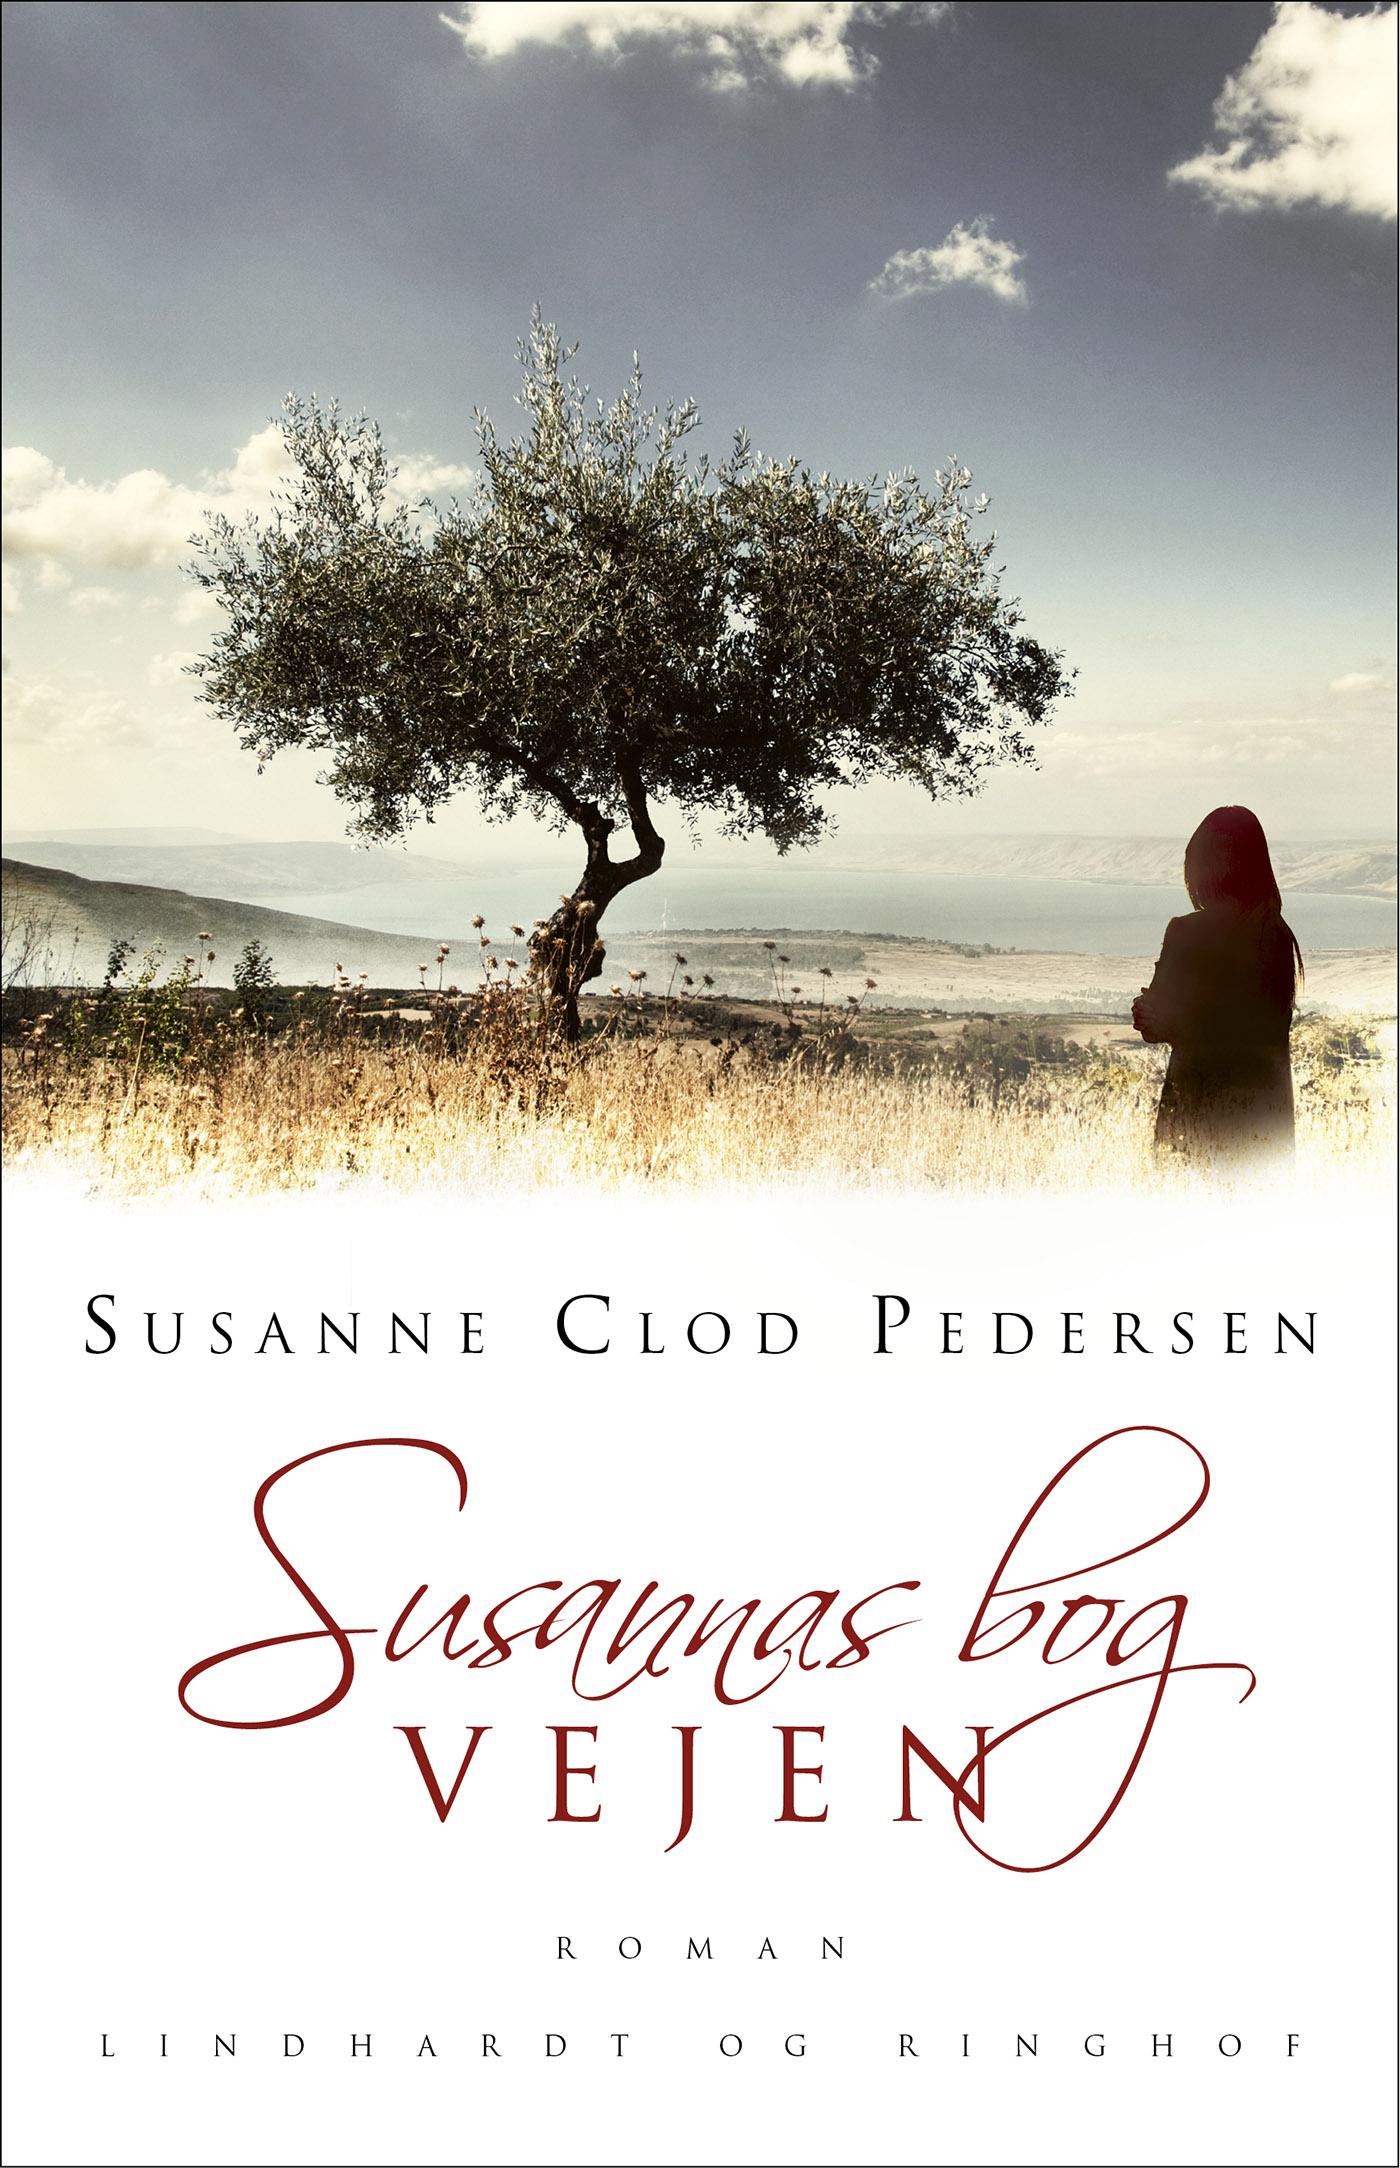 N/A Susannas bog, vejen - e-bog på bog & mystik